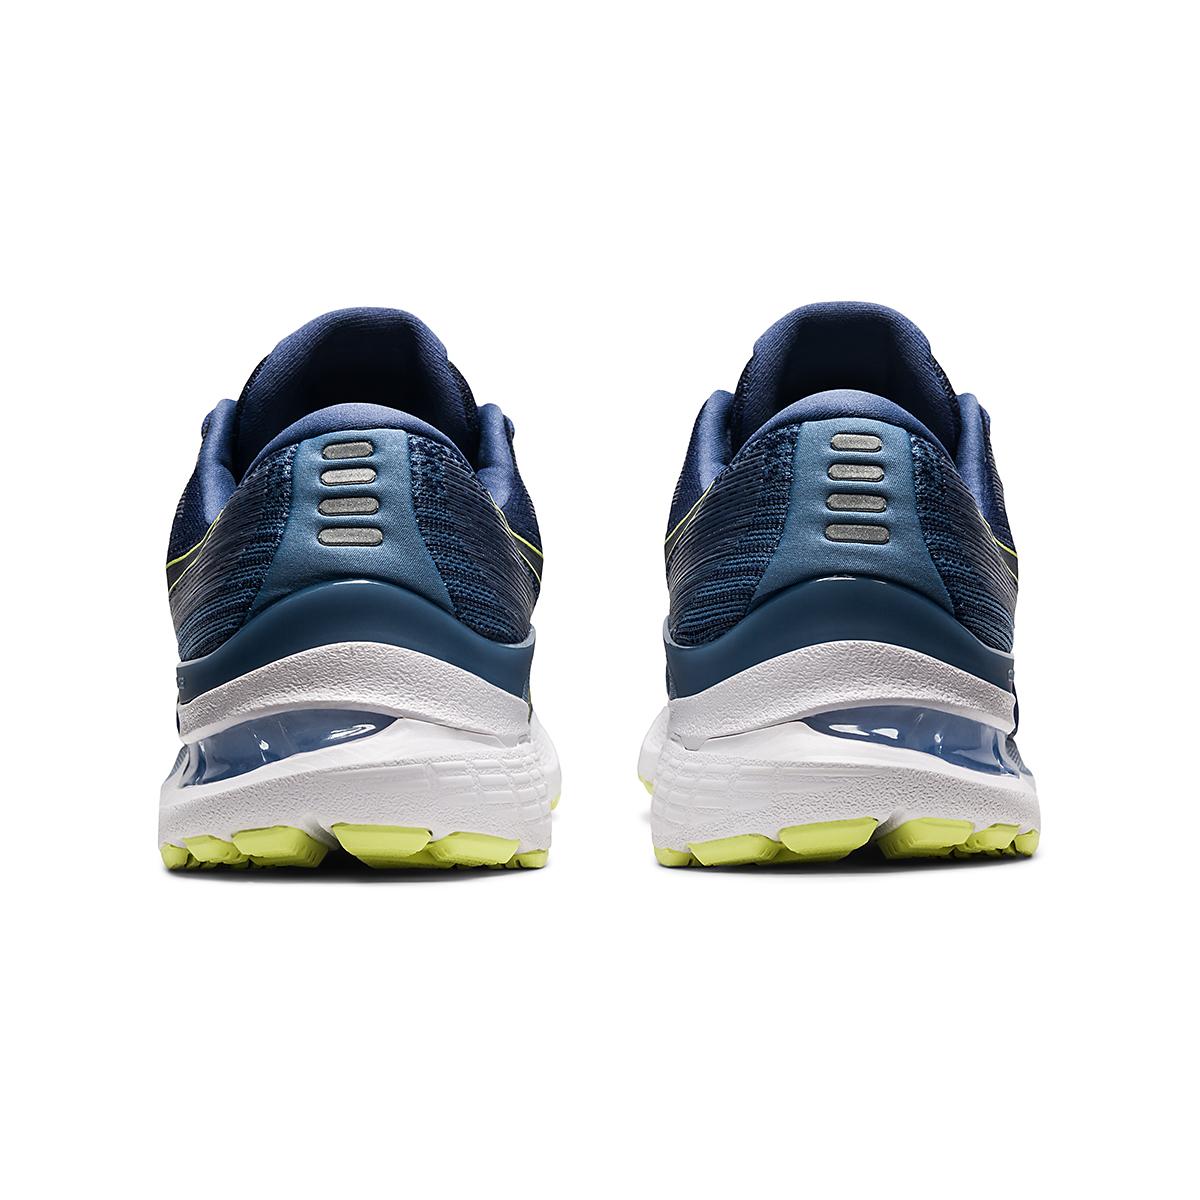 Men's Asics Gel-Kayano 28 Running Shoe - Color: Thunder Blue/Glow Yellow - Size: 7 - Width: Regular, Thunder Blue/Glow Yellow, large, image 5